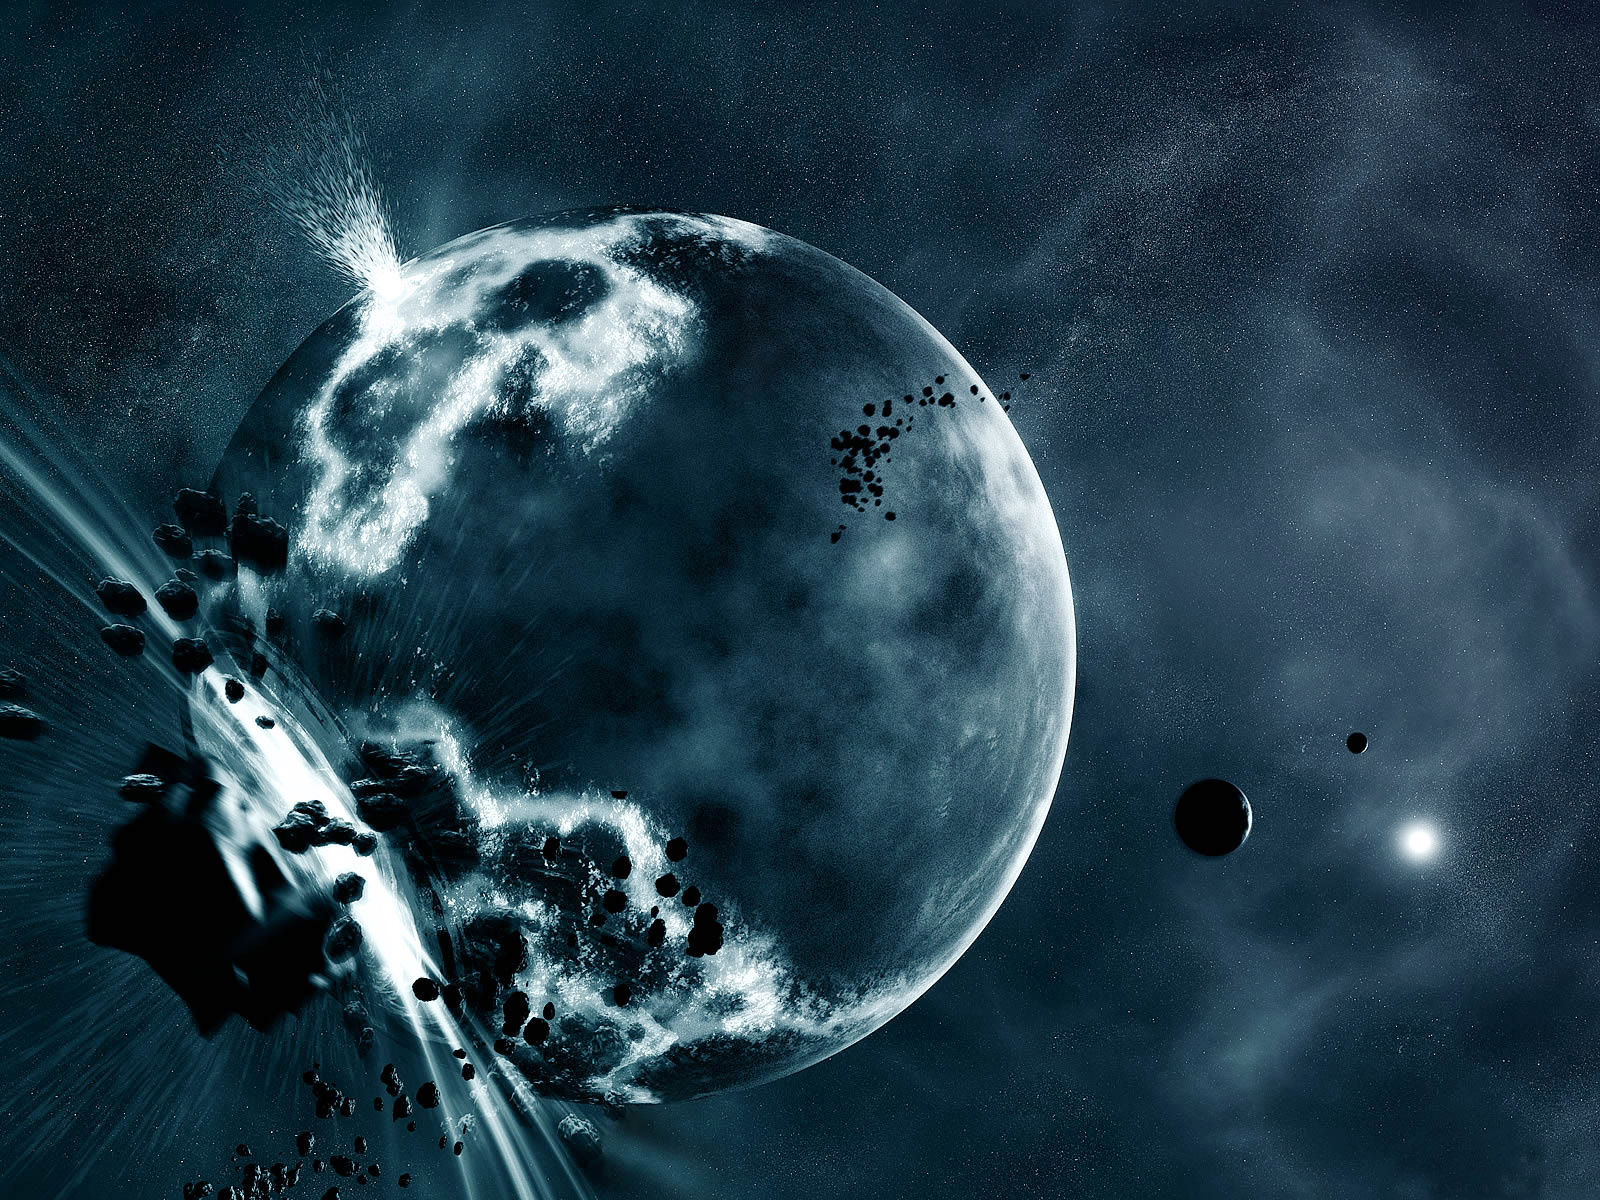 http://4.bp.blogspot.com/-fTvGW-6WoFk/ToWDJu_eRsI/AAAAAAAAACg/pg7w9I1mcrw/s1600/space-art-wallpapers-04.jpg